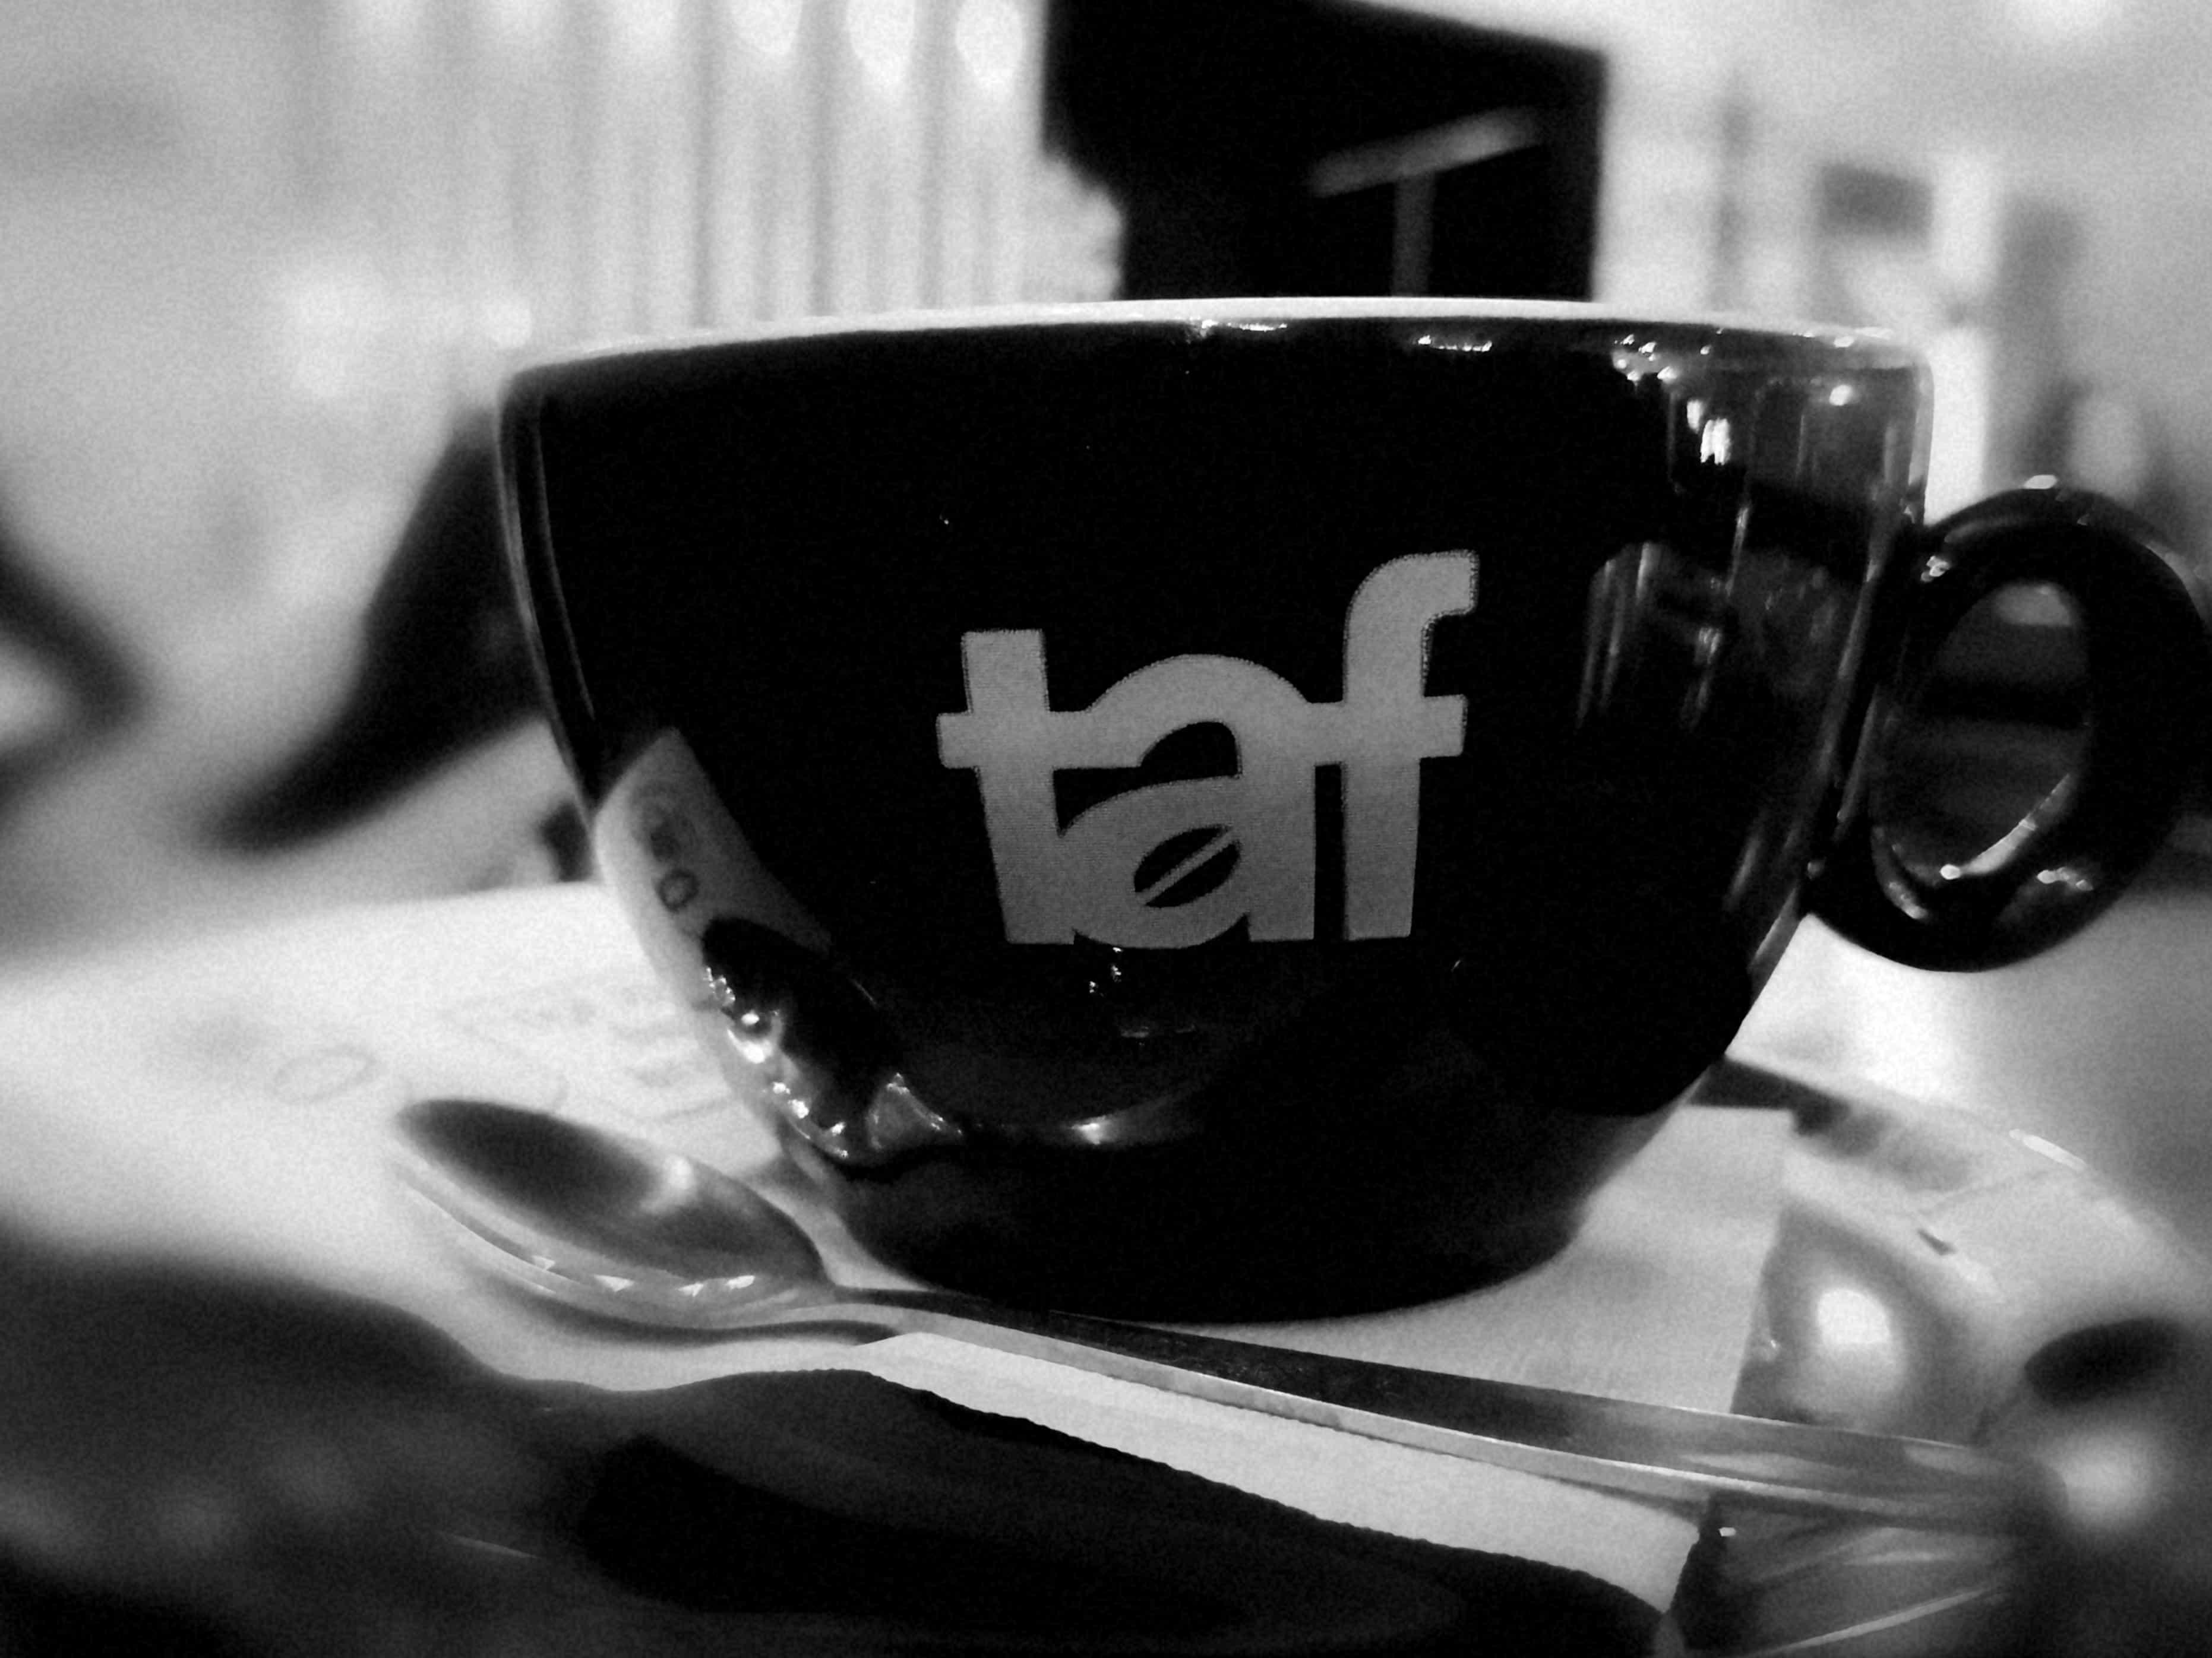 Τaf καφές και υψηλή ποιότητα